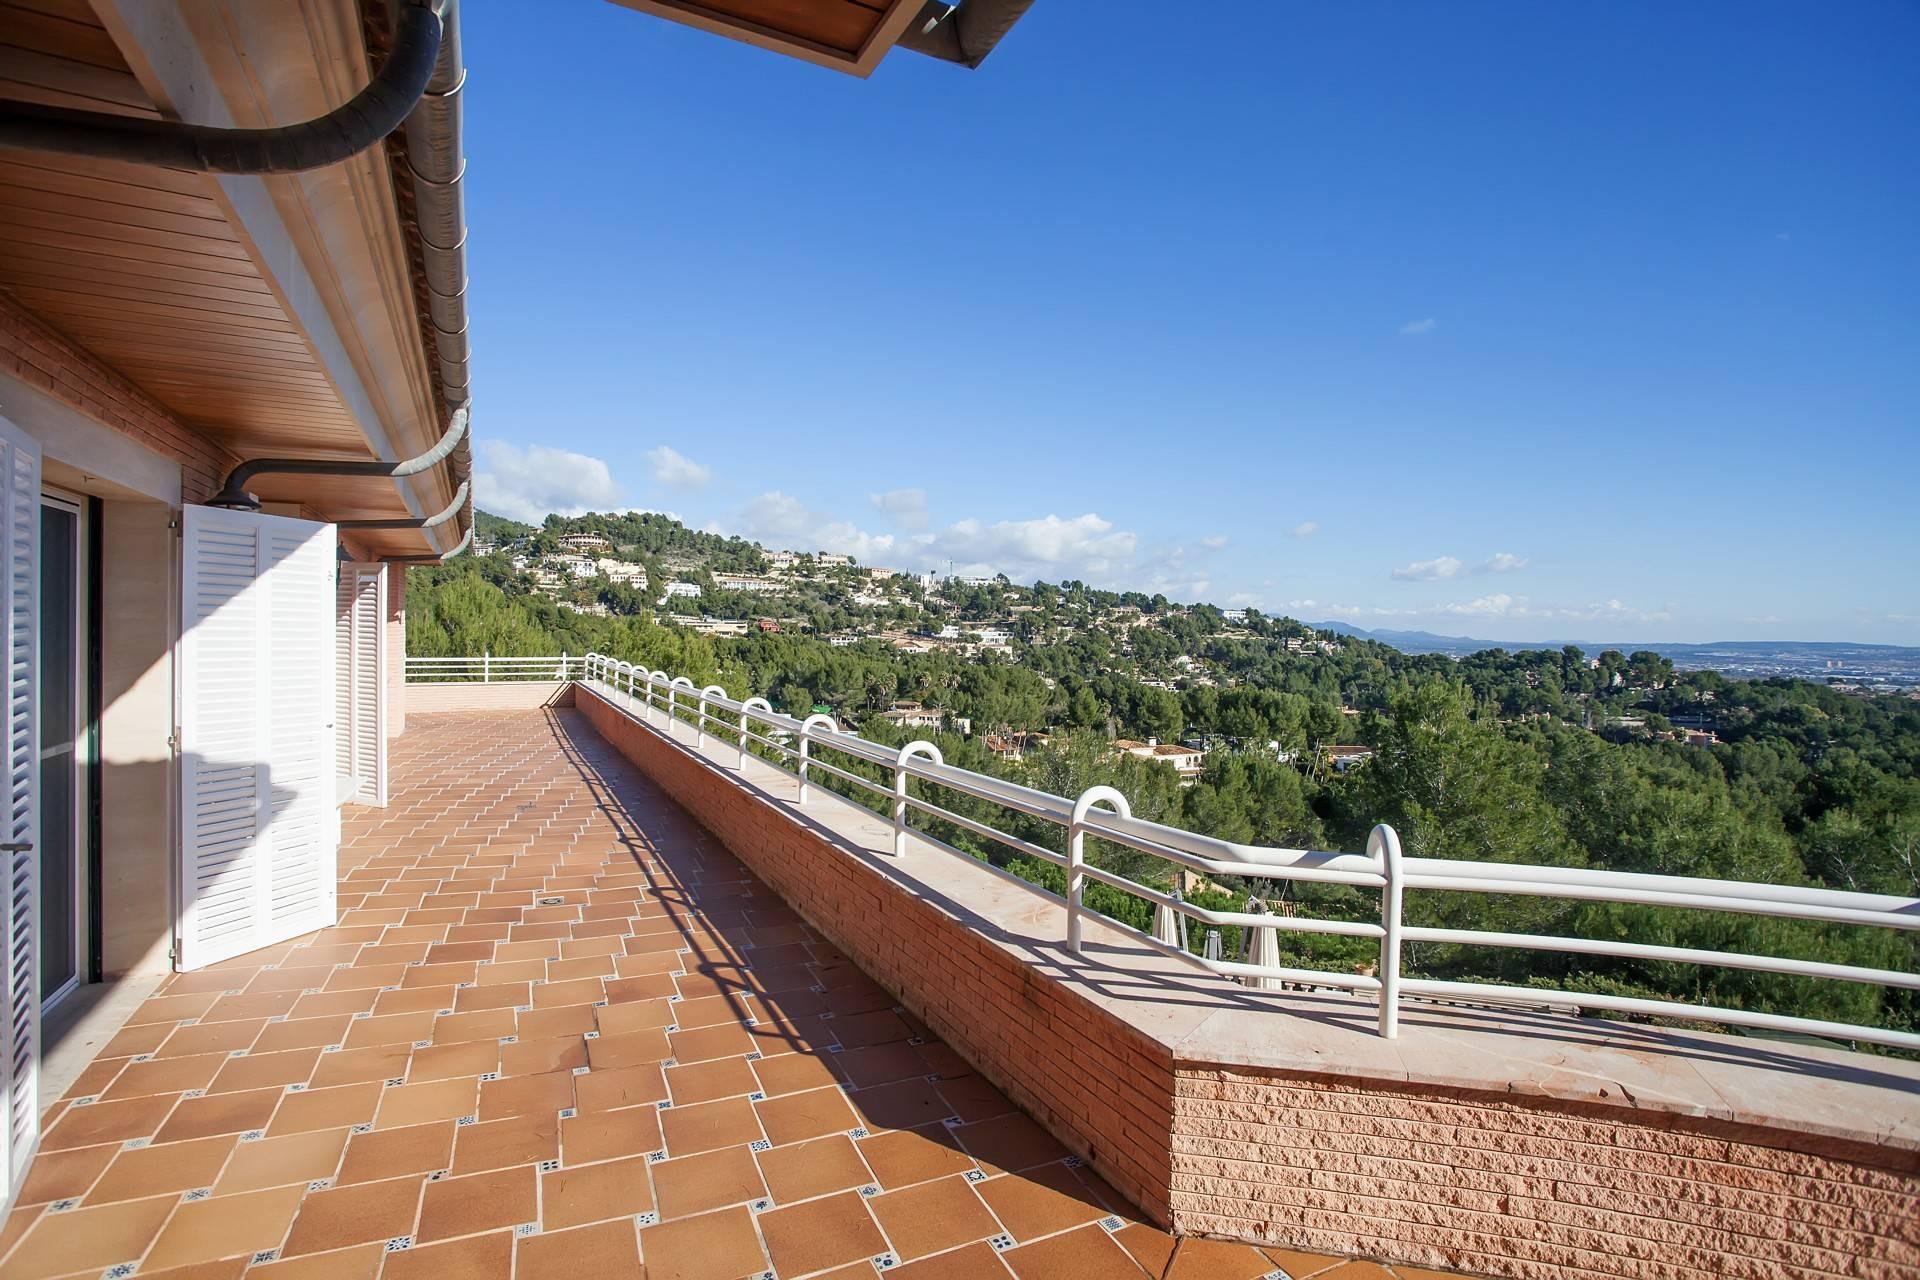 01-251 Extravagant villa Mallorca southwest Bild 34